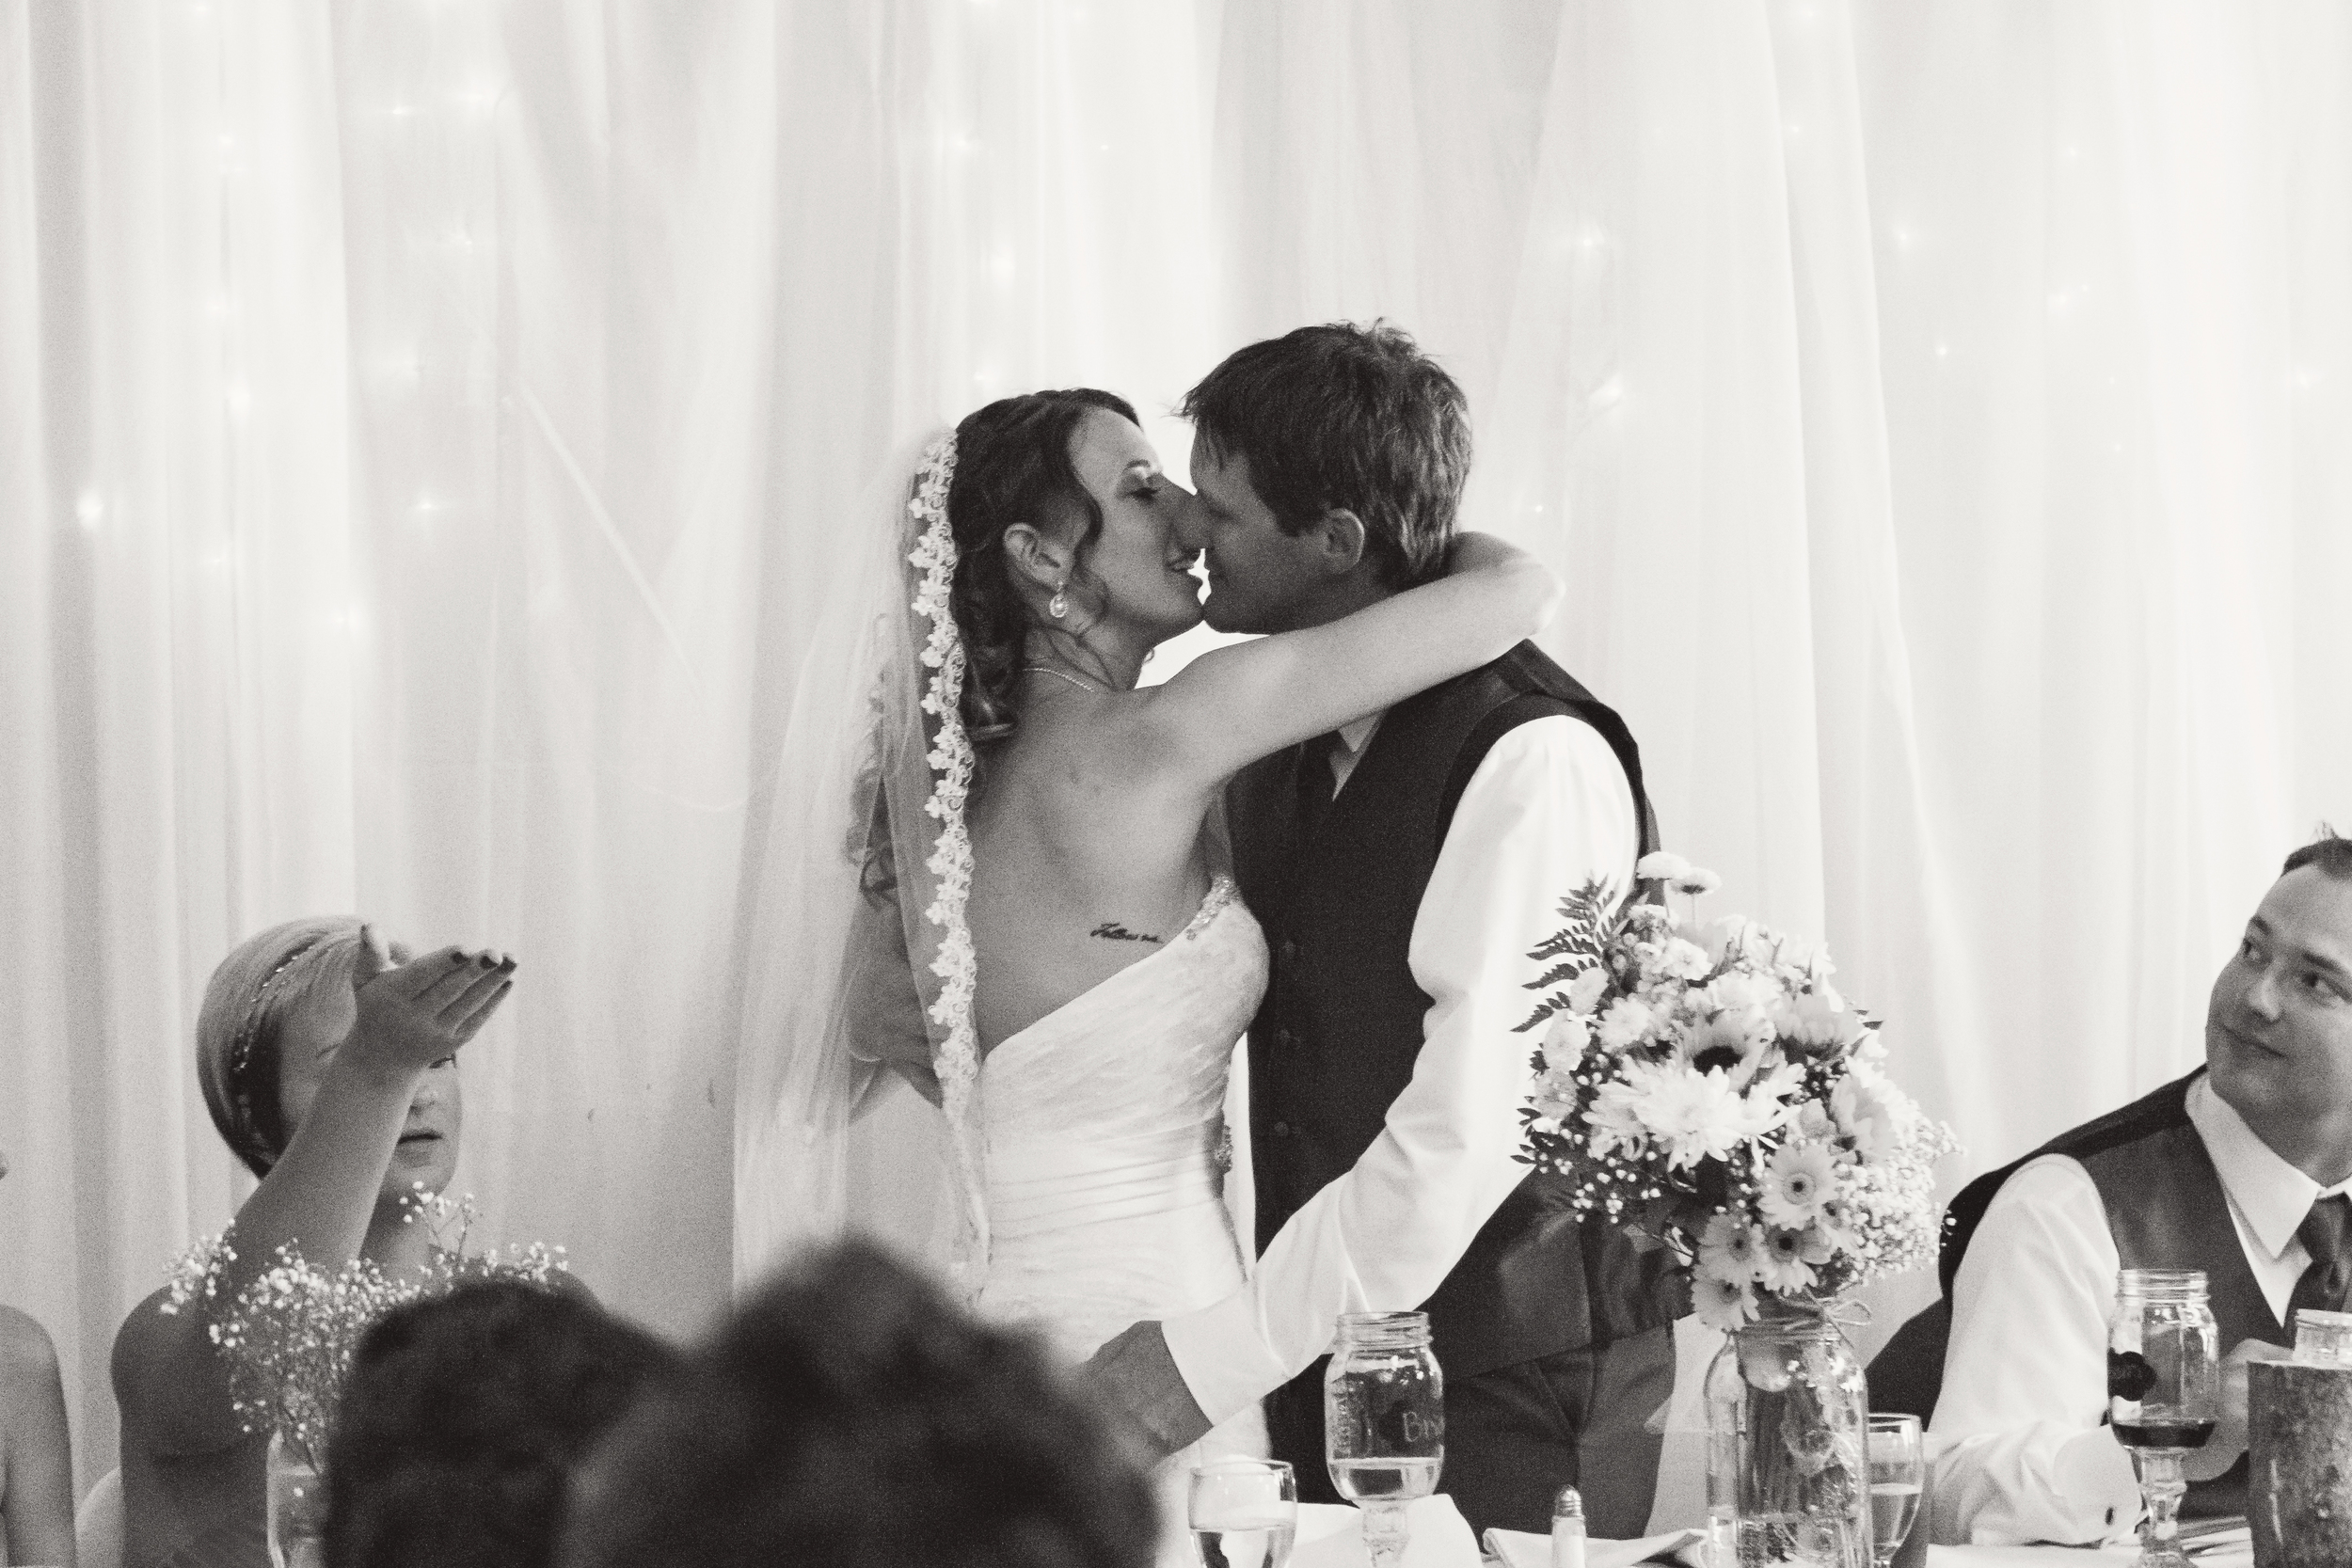 TJ_Wedding_452_bw.jpg